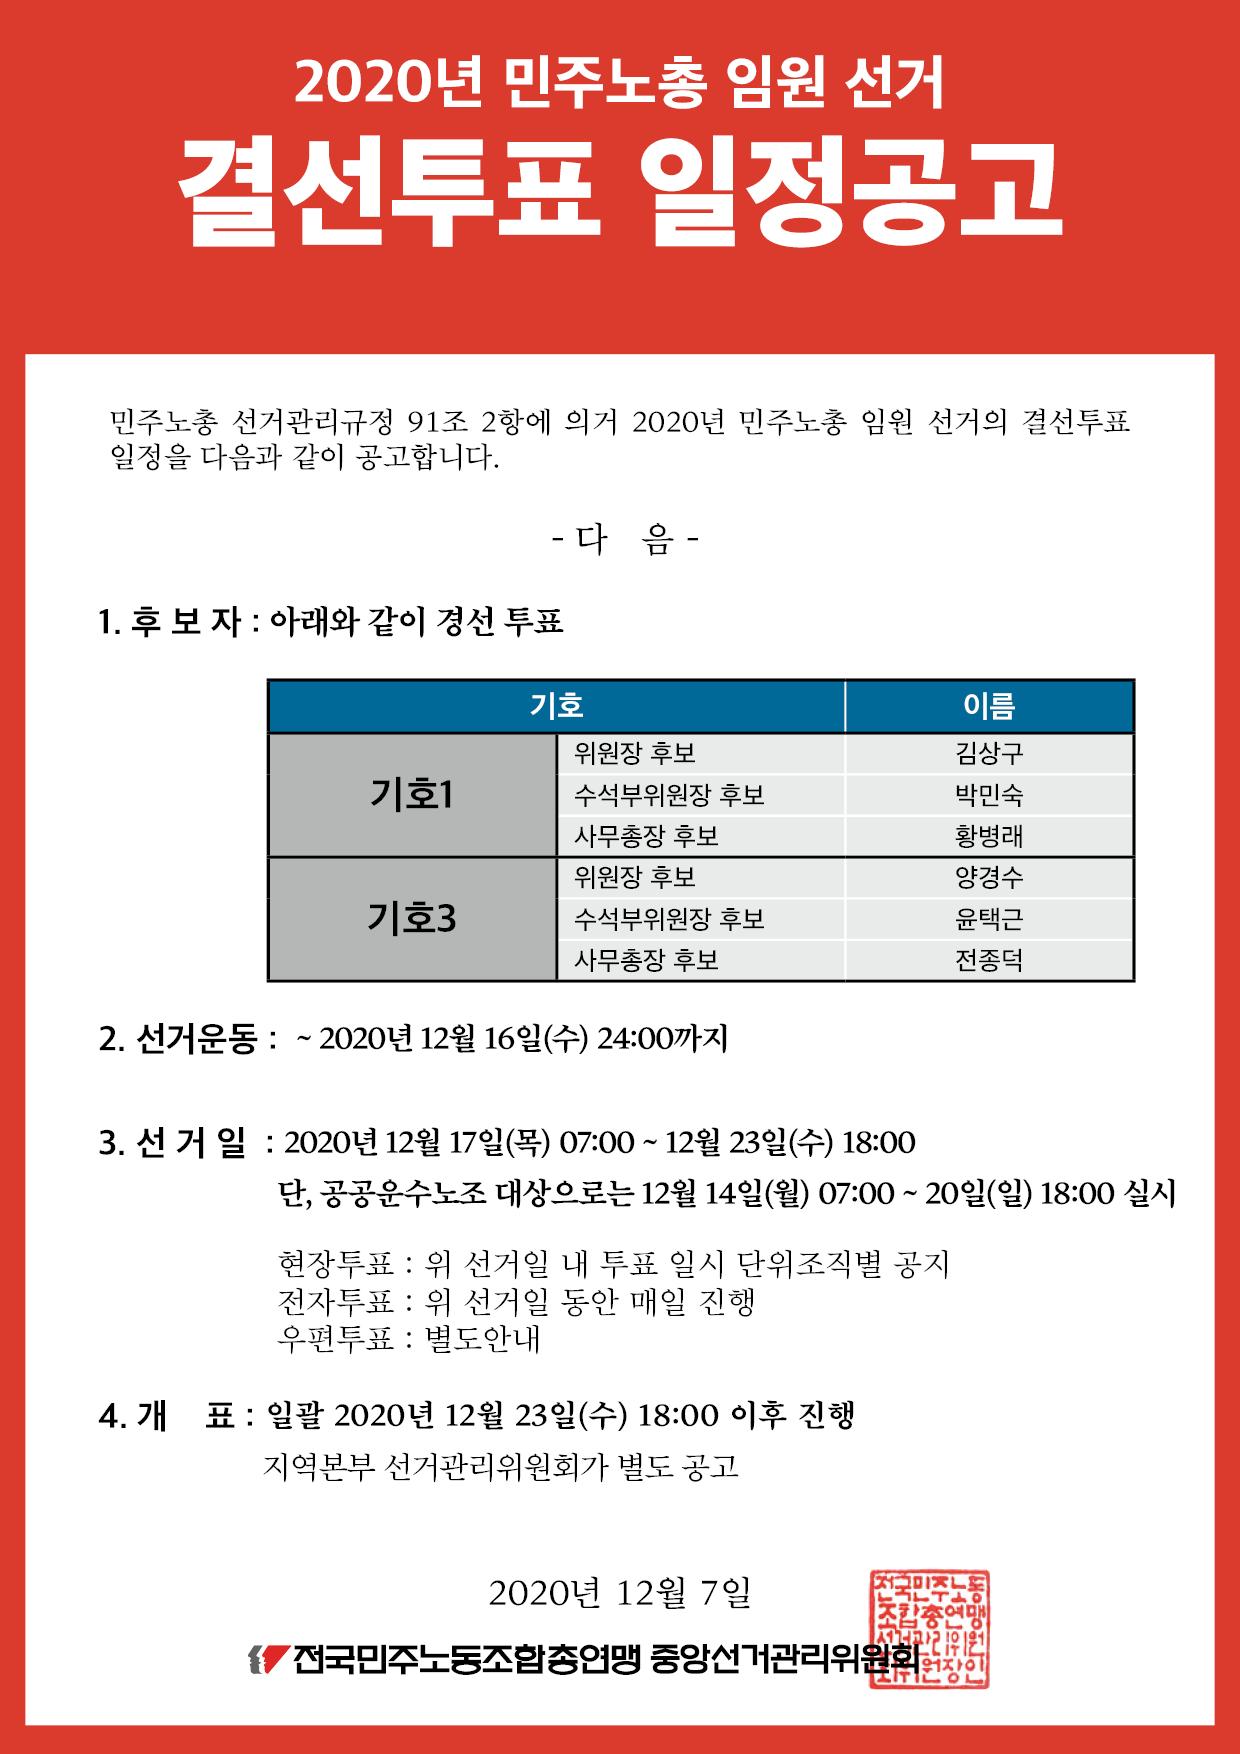 1. 결선투표 일정공고_민주노총임원선거.png